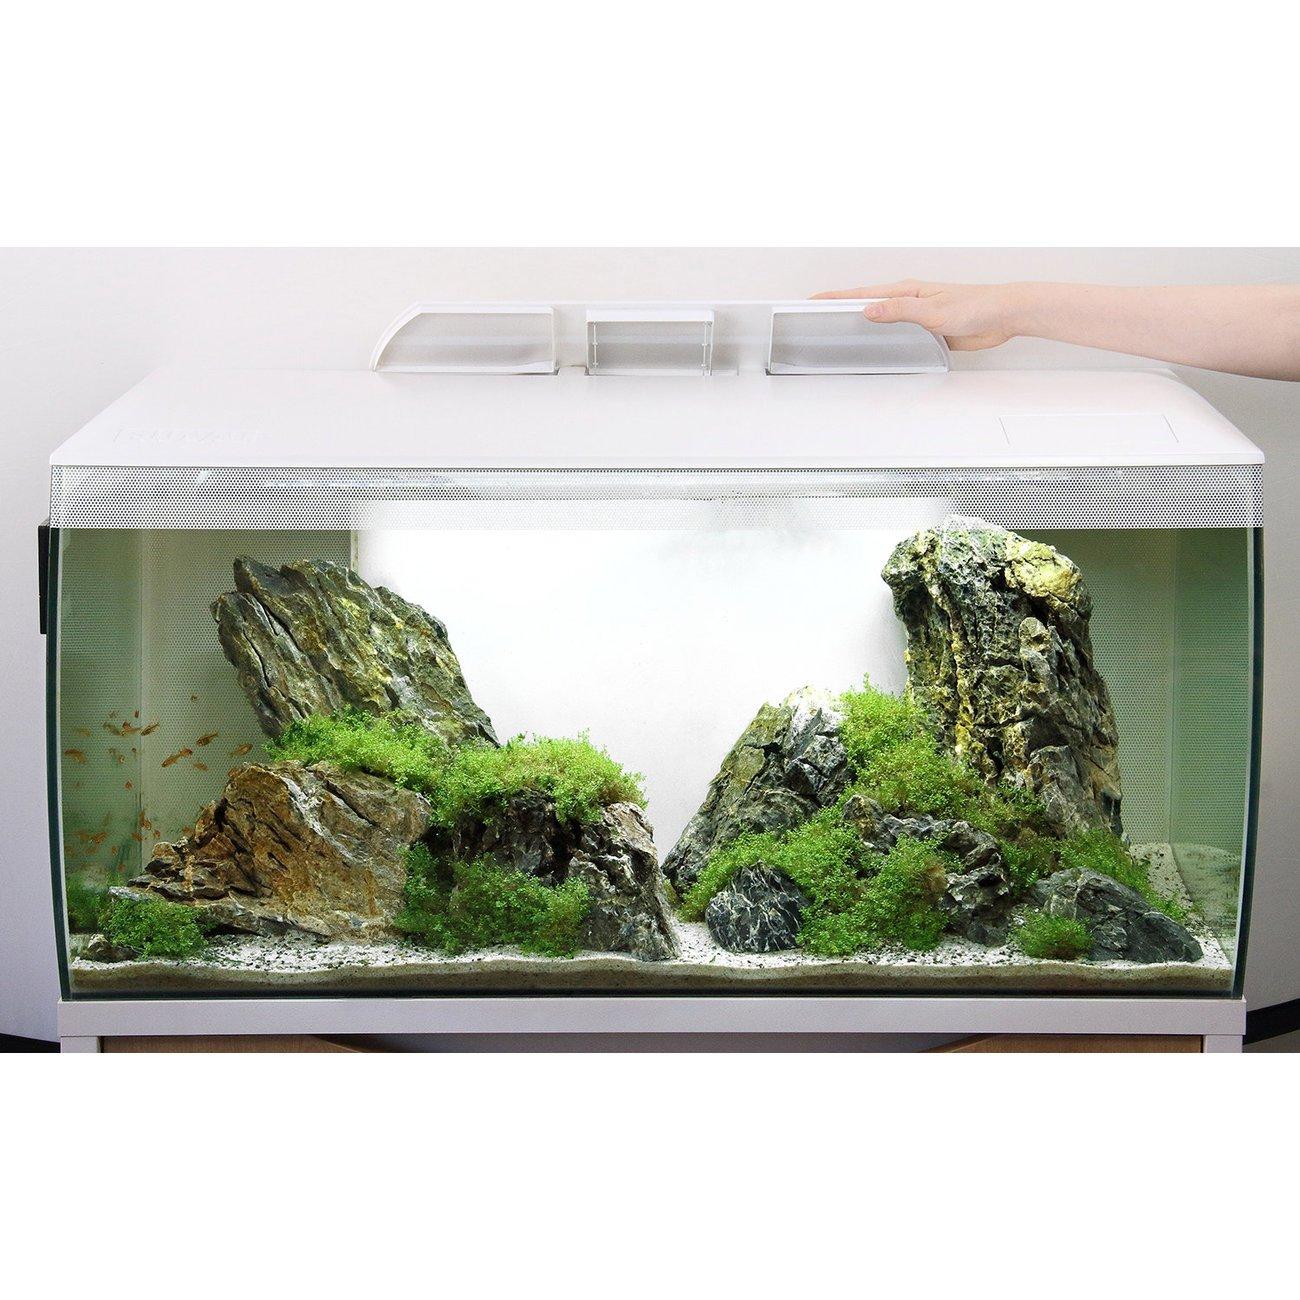 Fluval Flex 123 Liter Aquarium, Bild 9